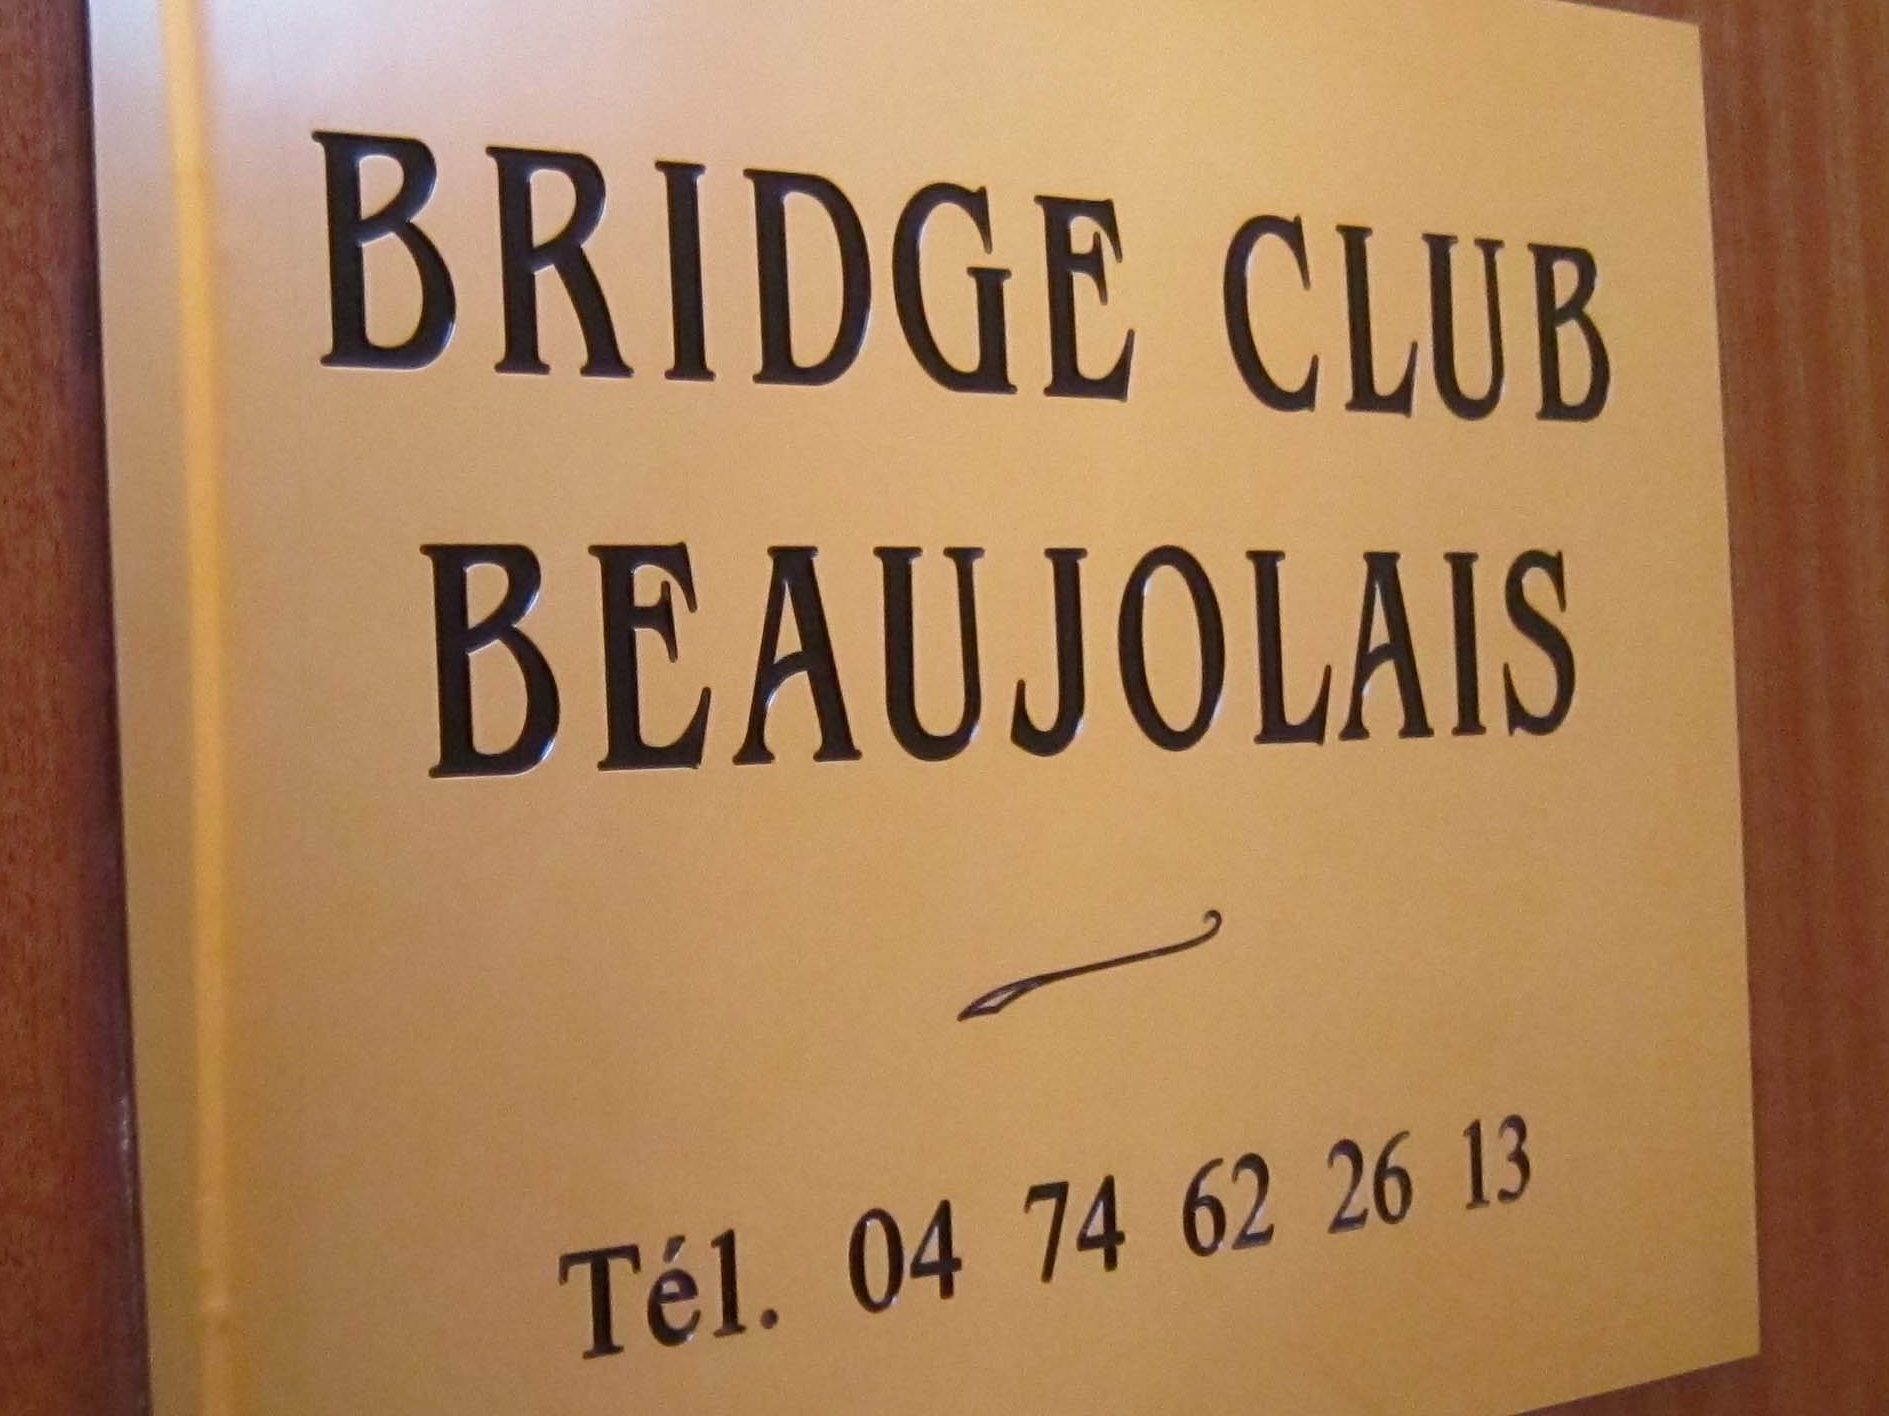 Bridge Club Beaujolais